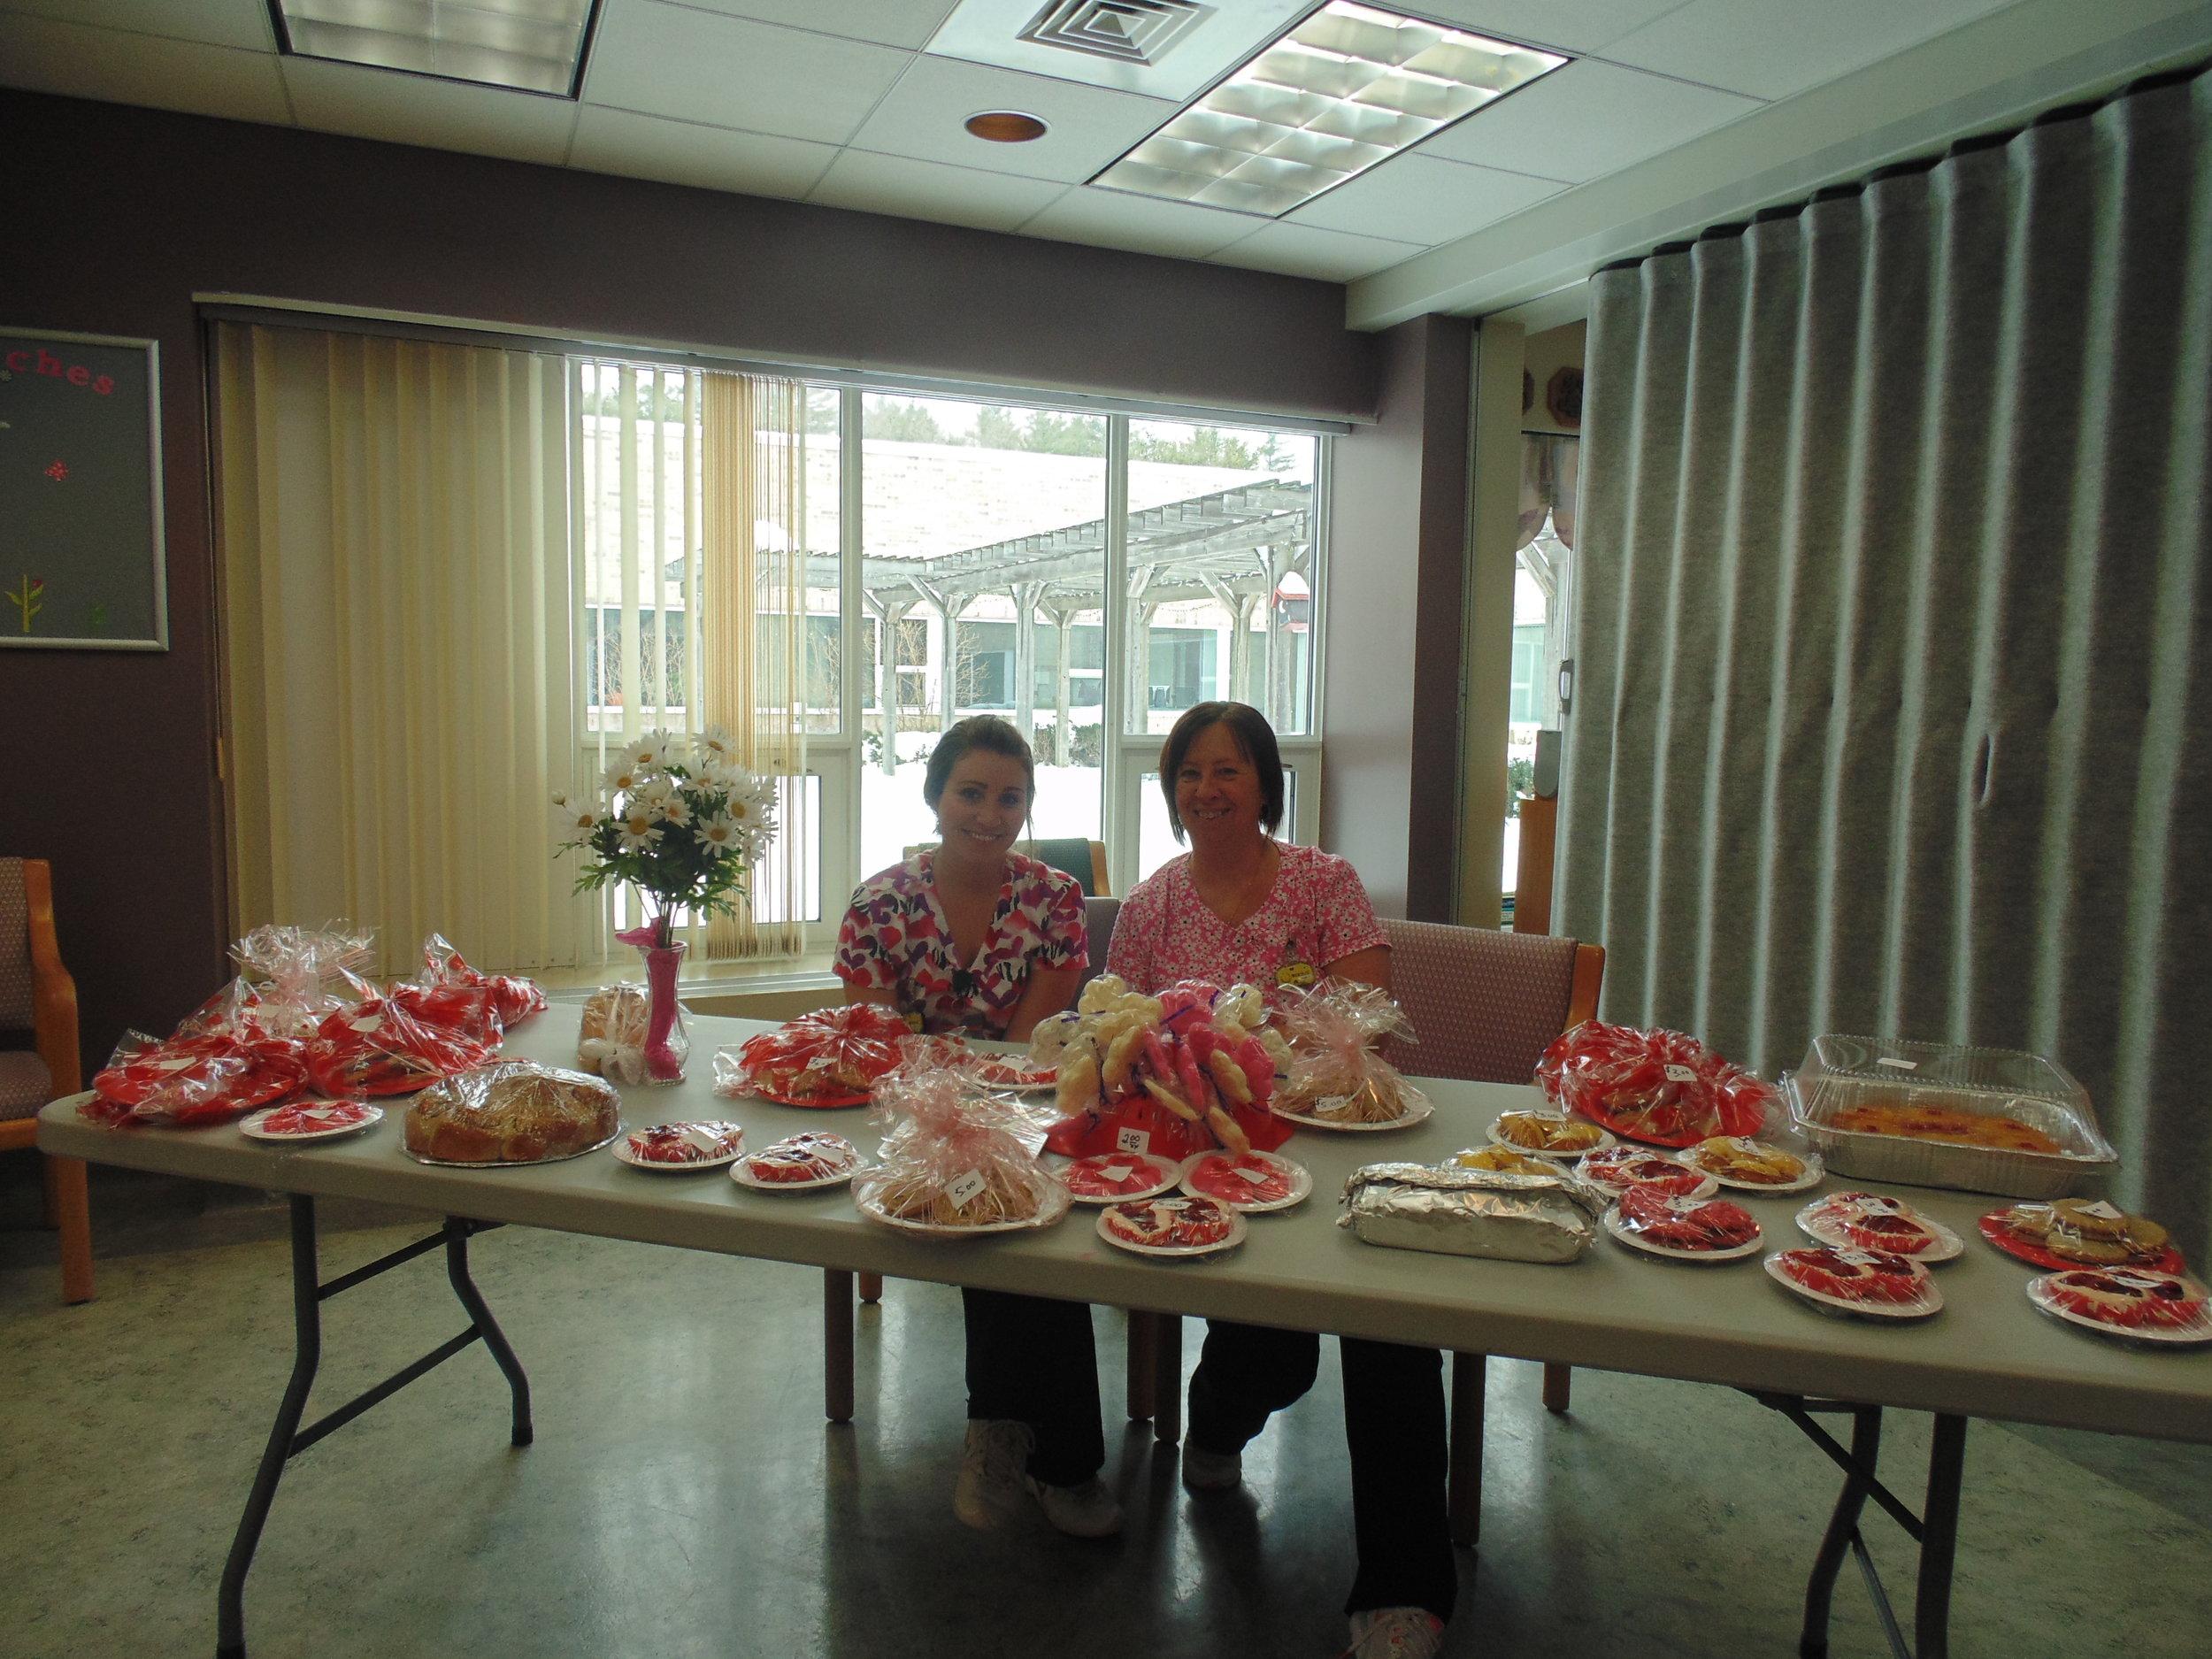 valentines day bake sale staff.JPG